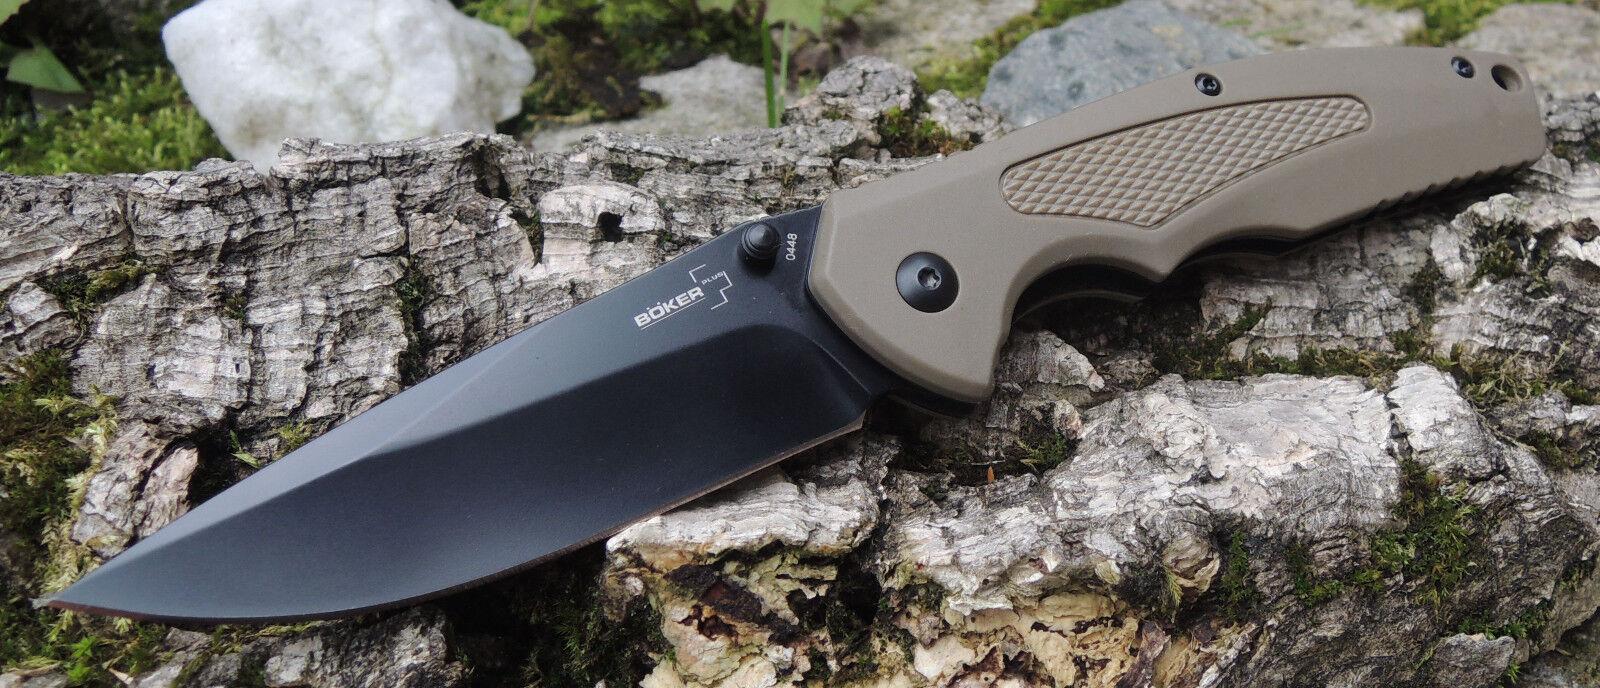 Böker Plus GEMINI NGA COYOTE Messer Taschenmesser VG10 Stahl FRN Griff 01BO501